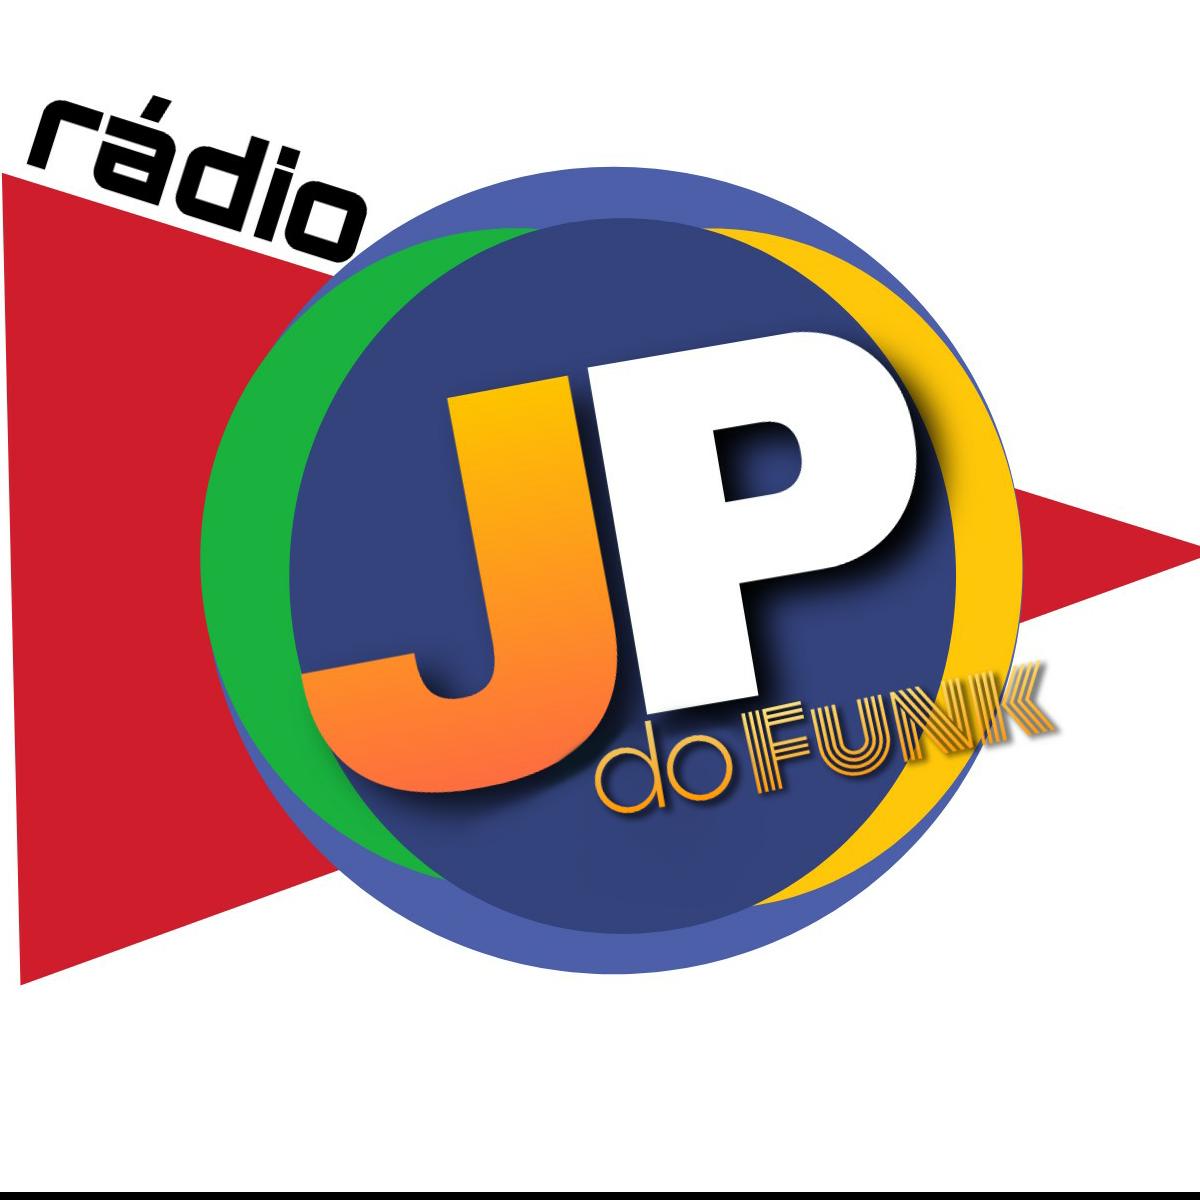 JPdoFunk v1